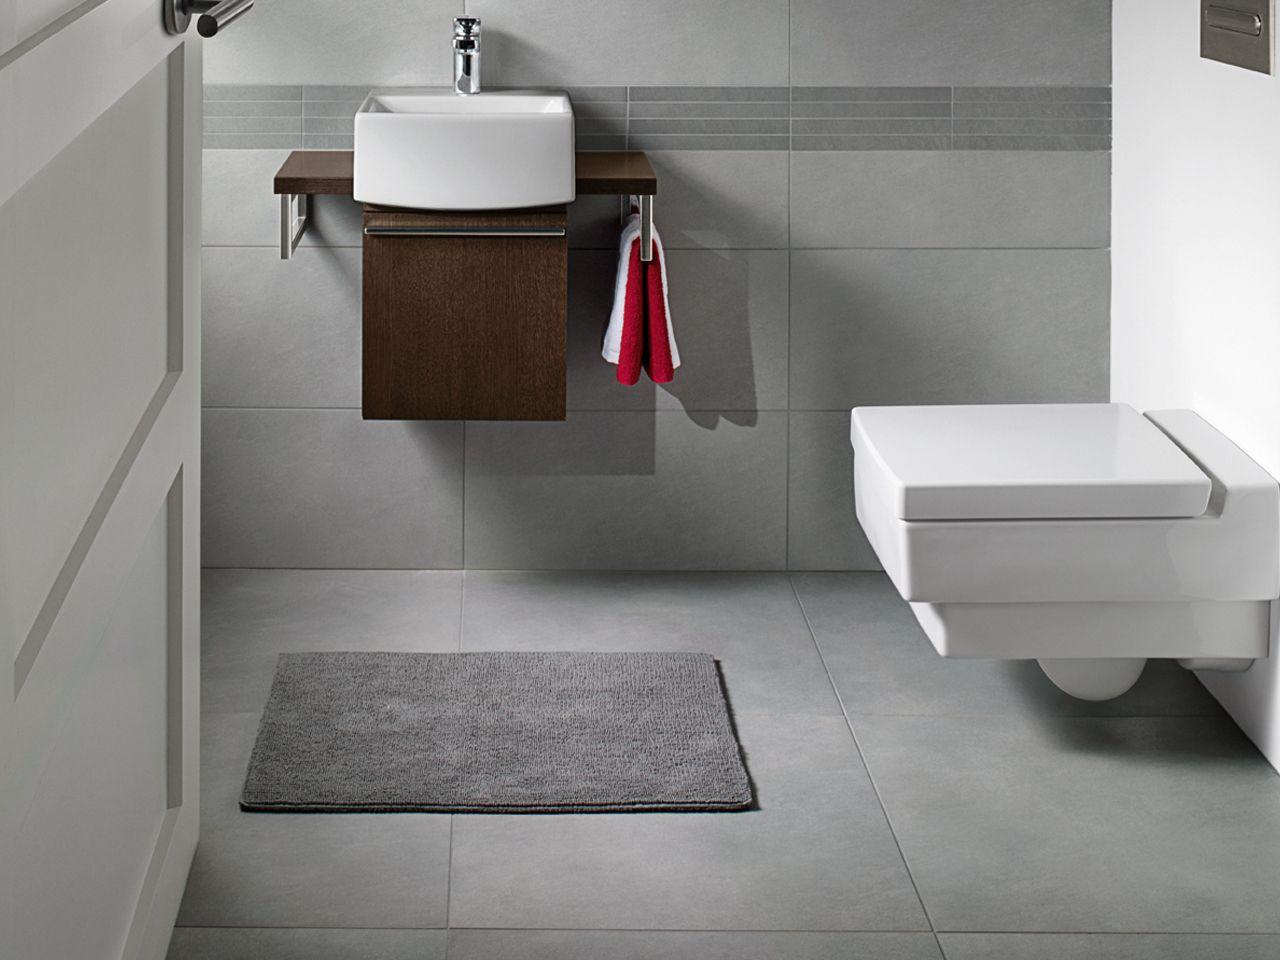 villeroy & boch fliser Villeroy & Boch   Bernina flise | fliser | Pinterest | Bathroom  villeroy & boch fliser